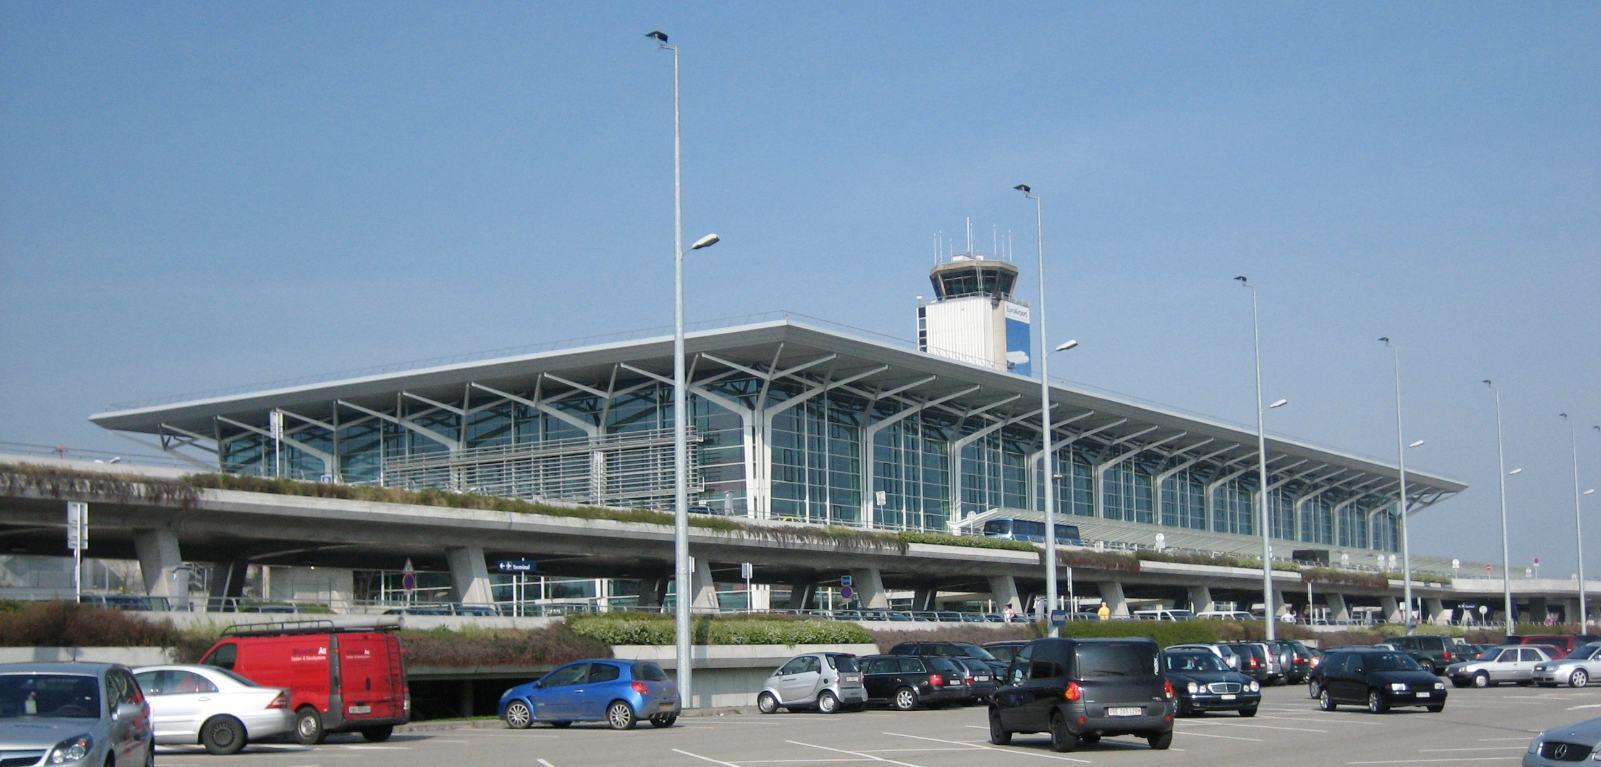 Baisse de 71% du trafic passagers en 2020 à l'EuroAirport